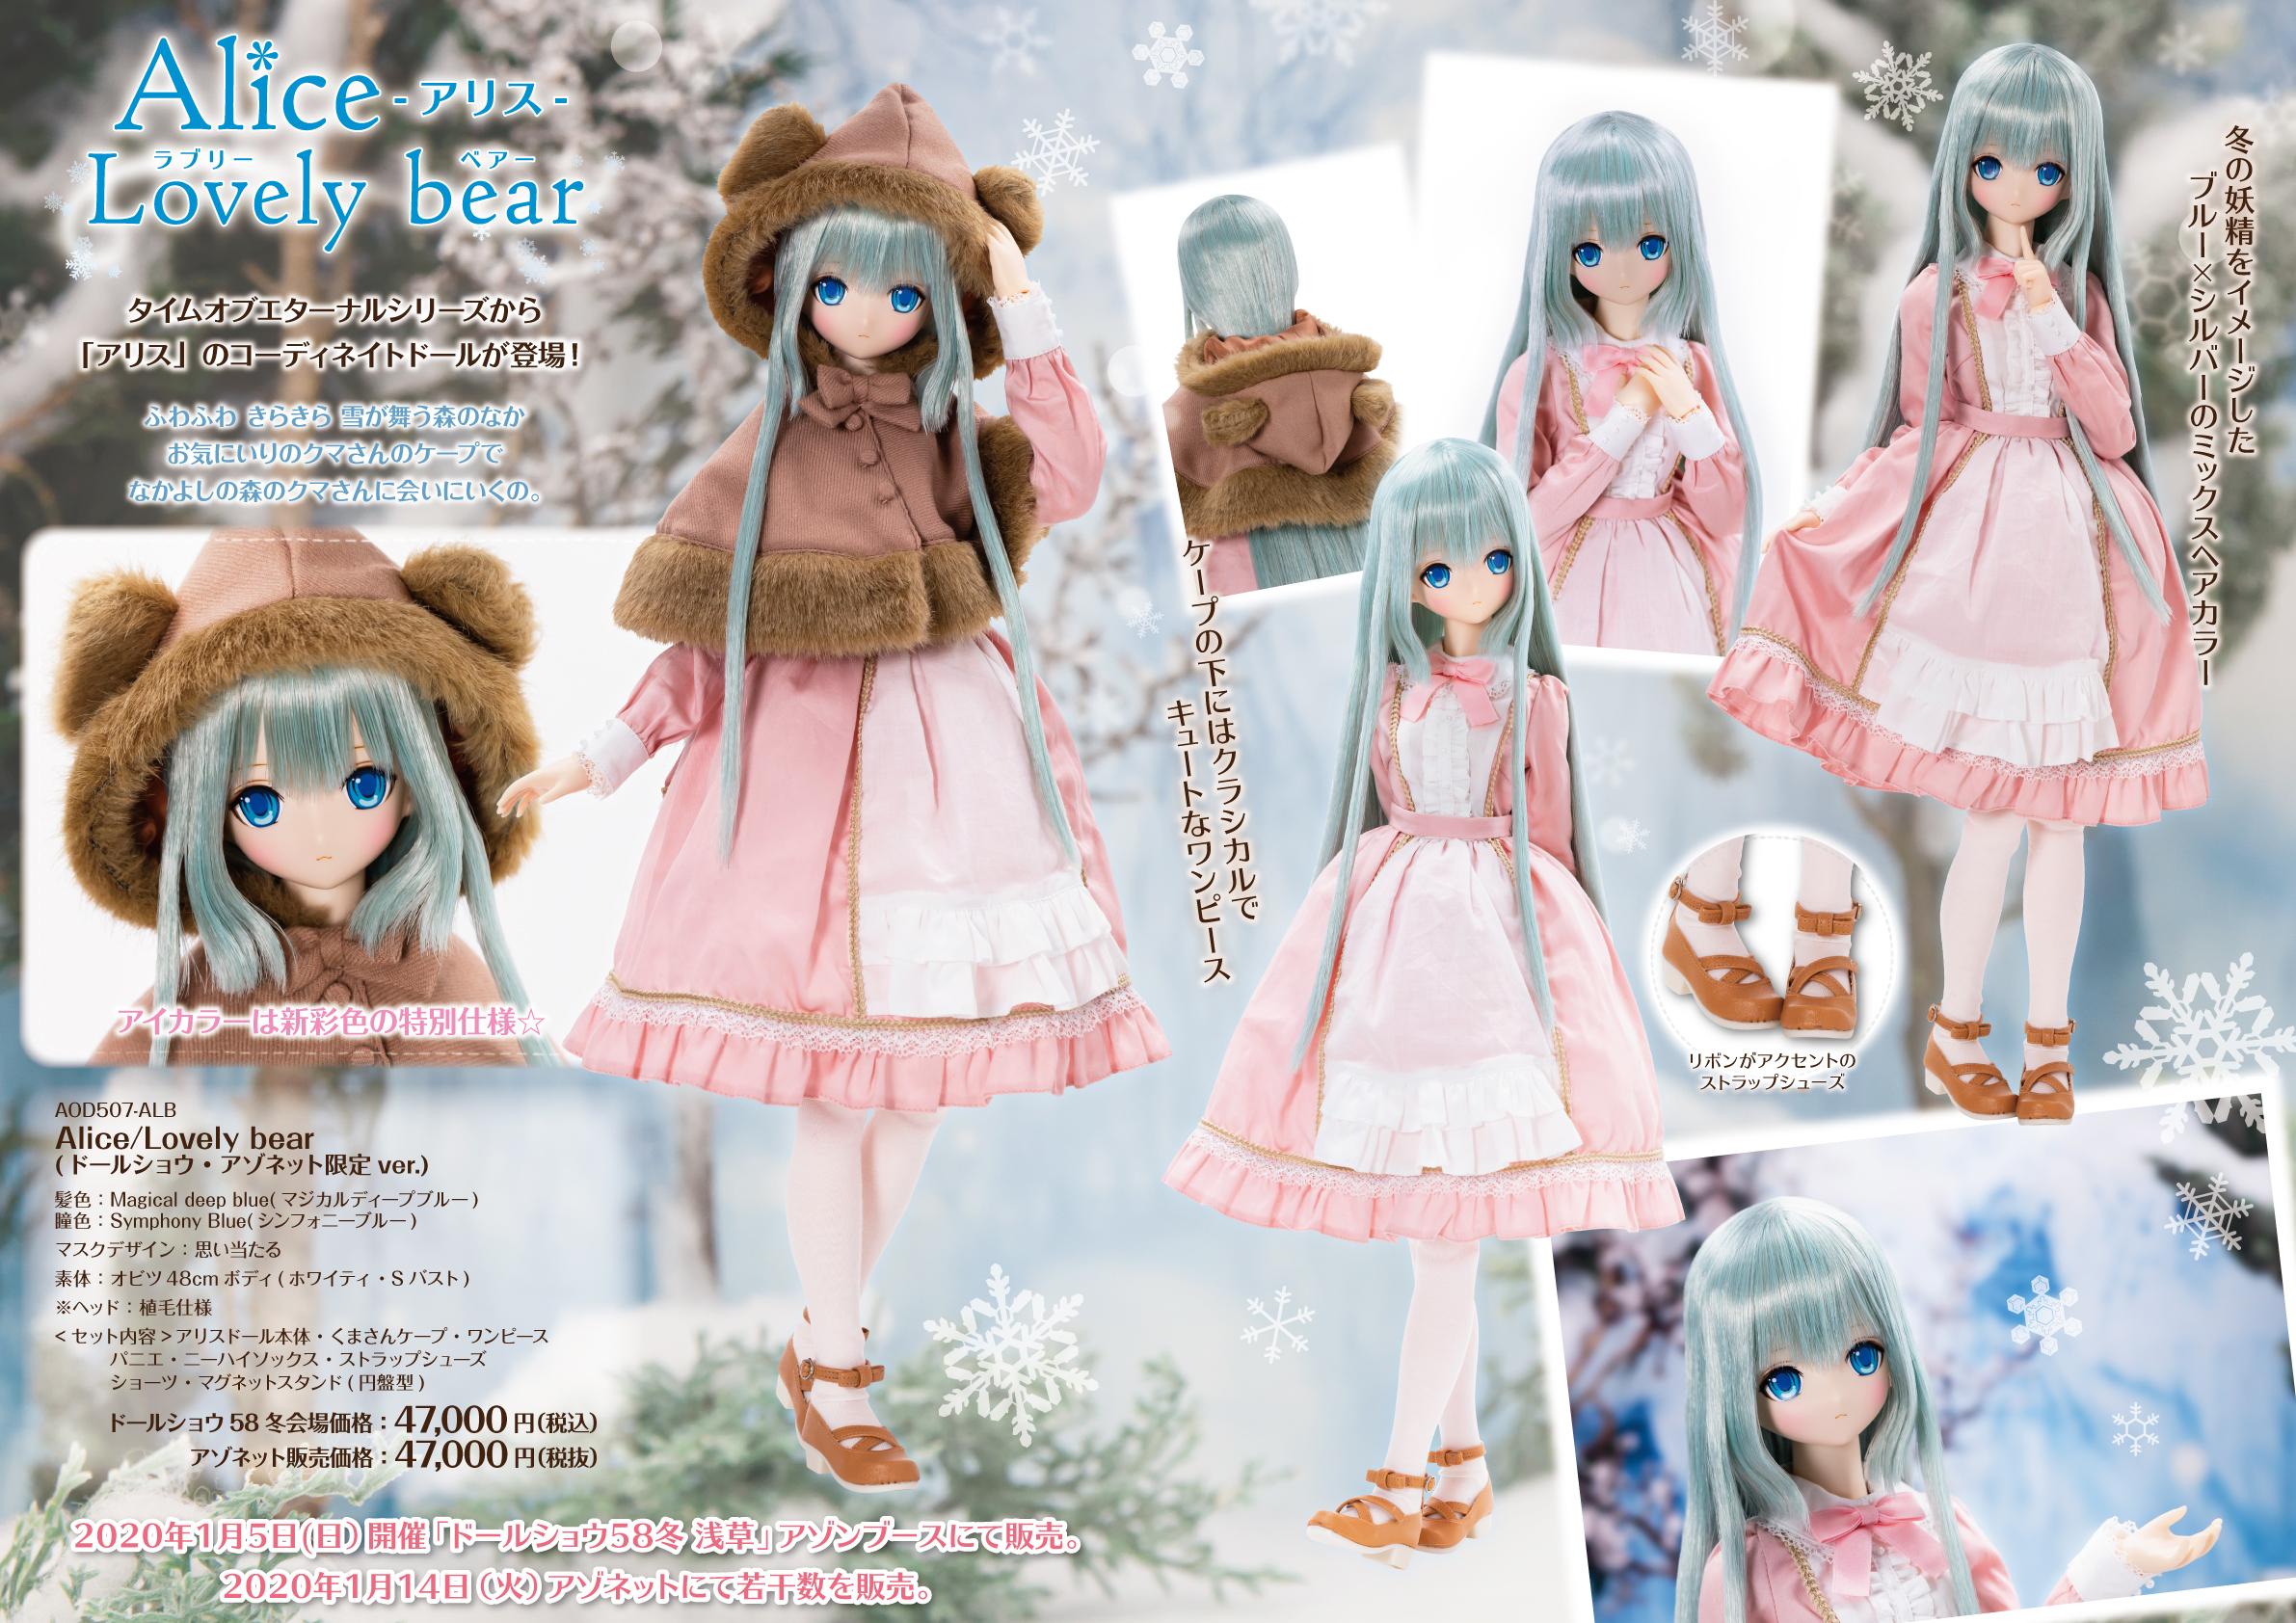 Alice/Lovely bear